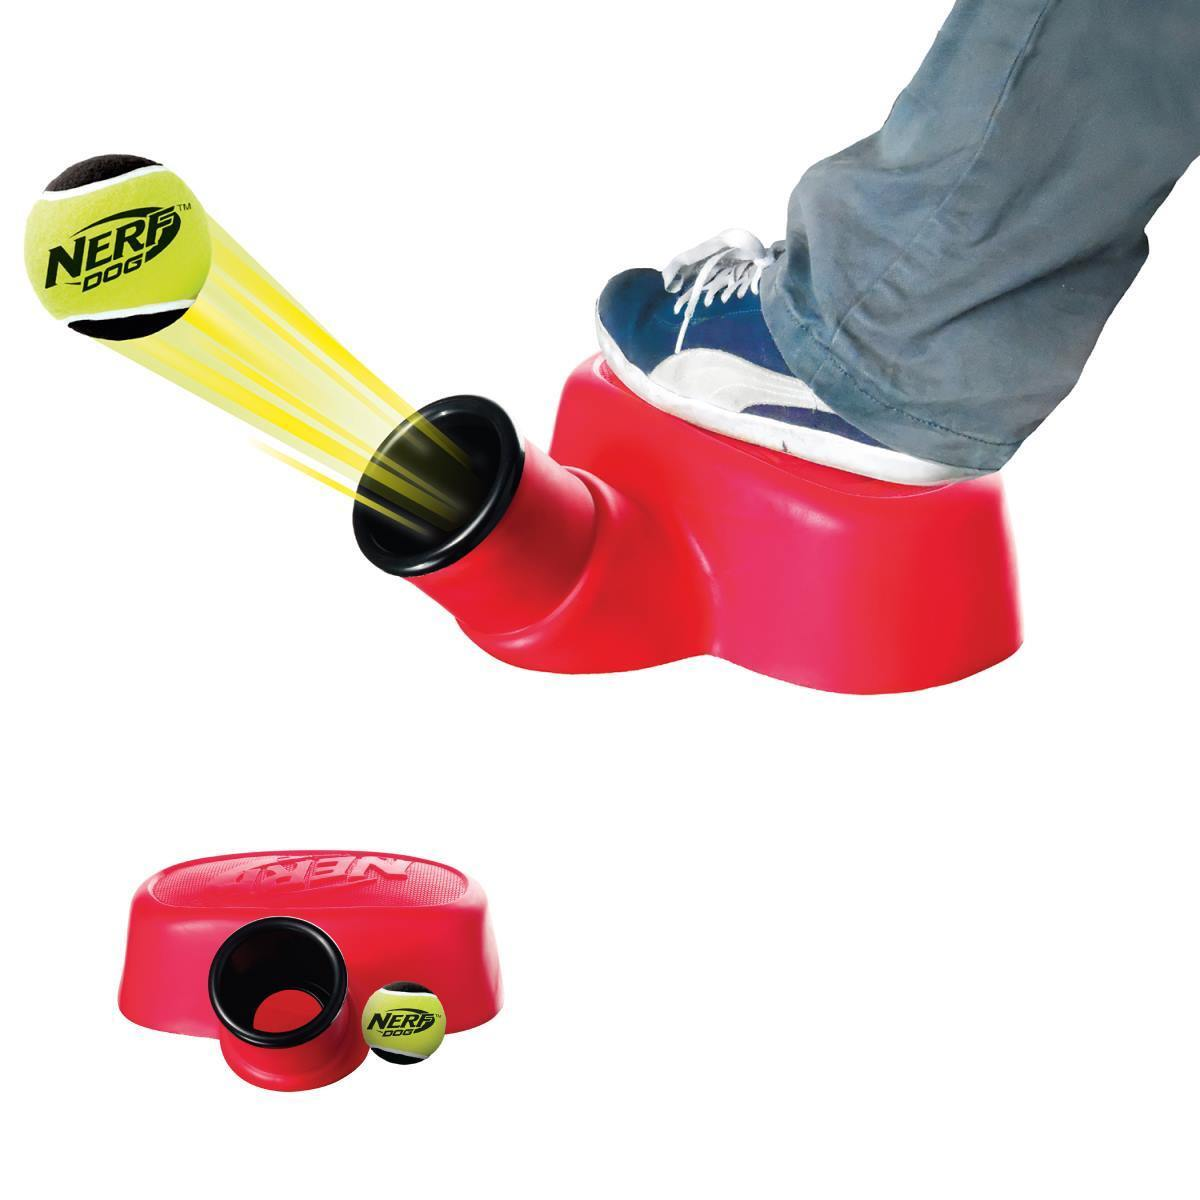 Nerf Dog Stomp Launcher - Ballkanone mit Tennisball - Hundespielzeug VP6864E